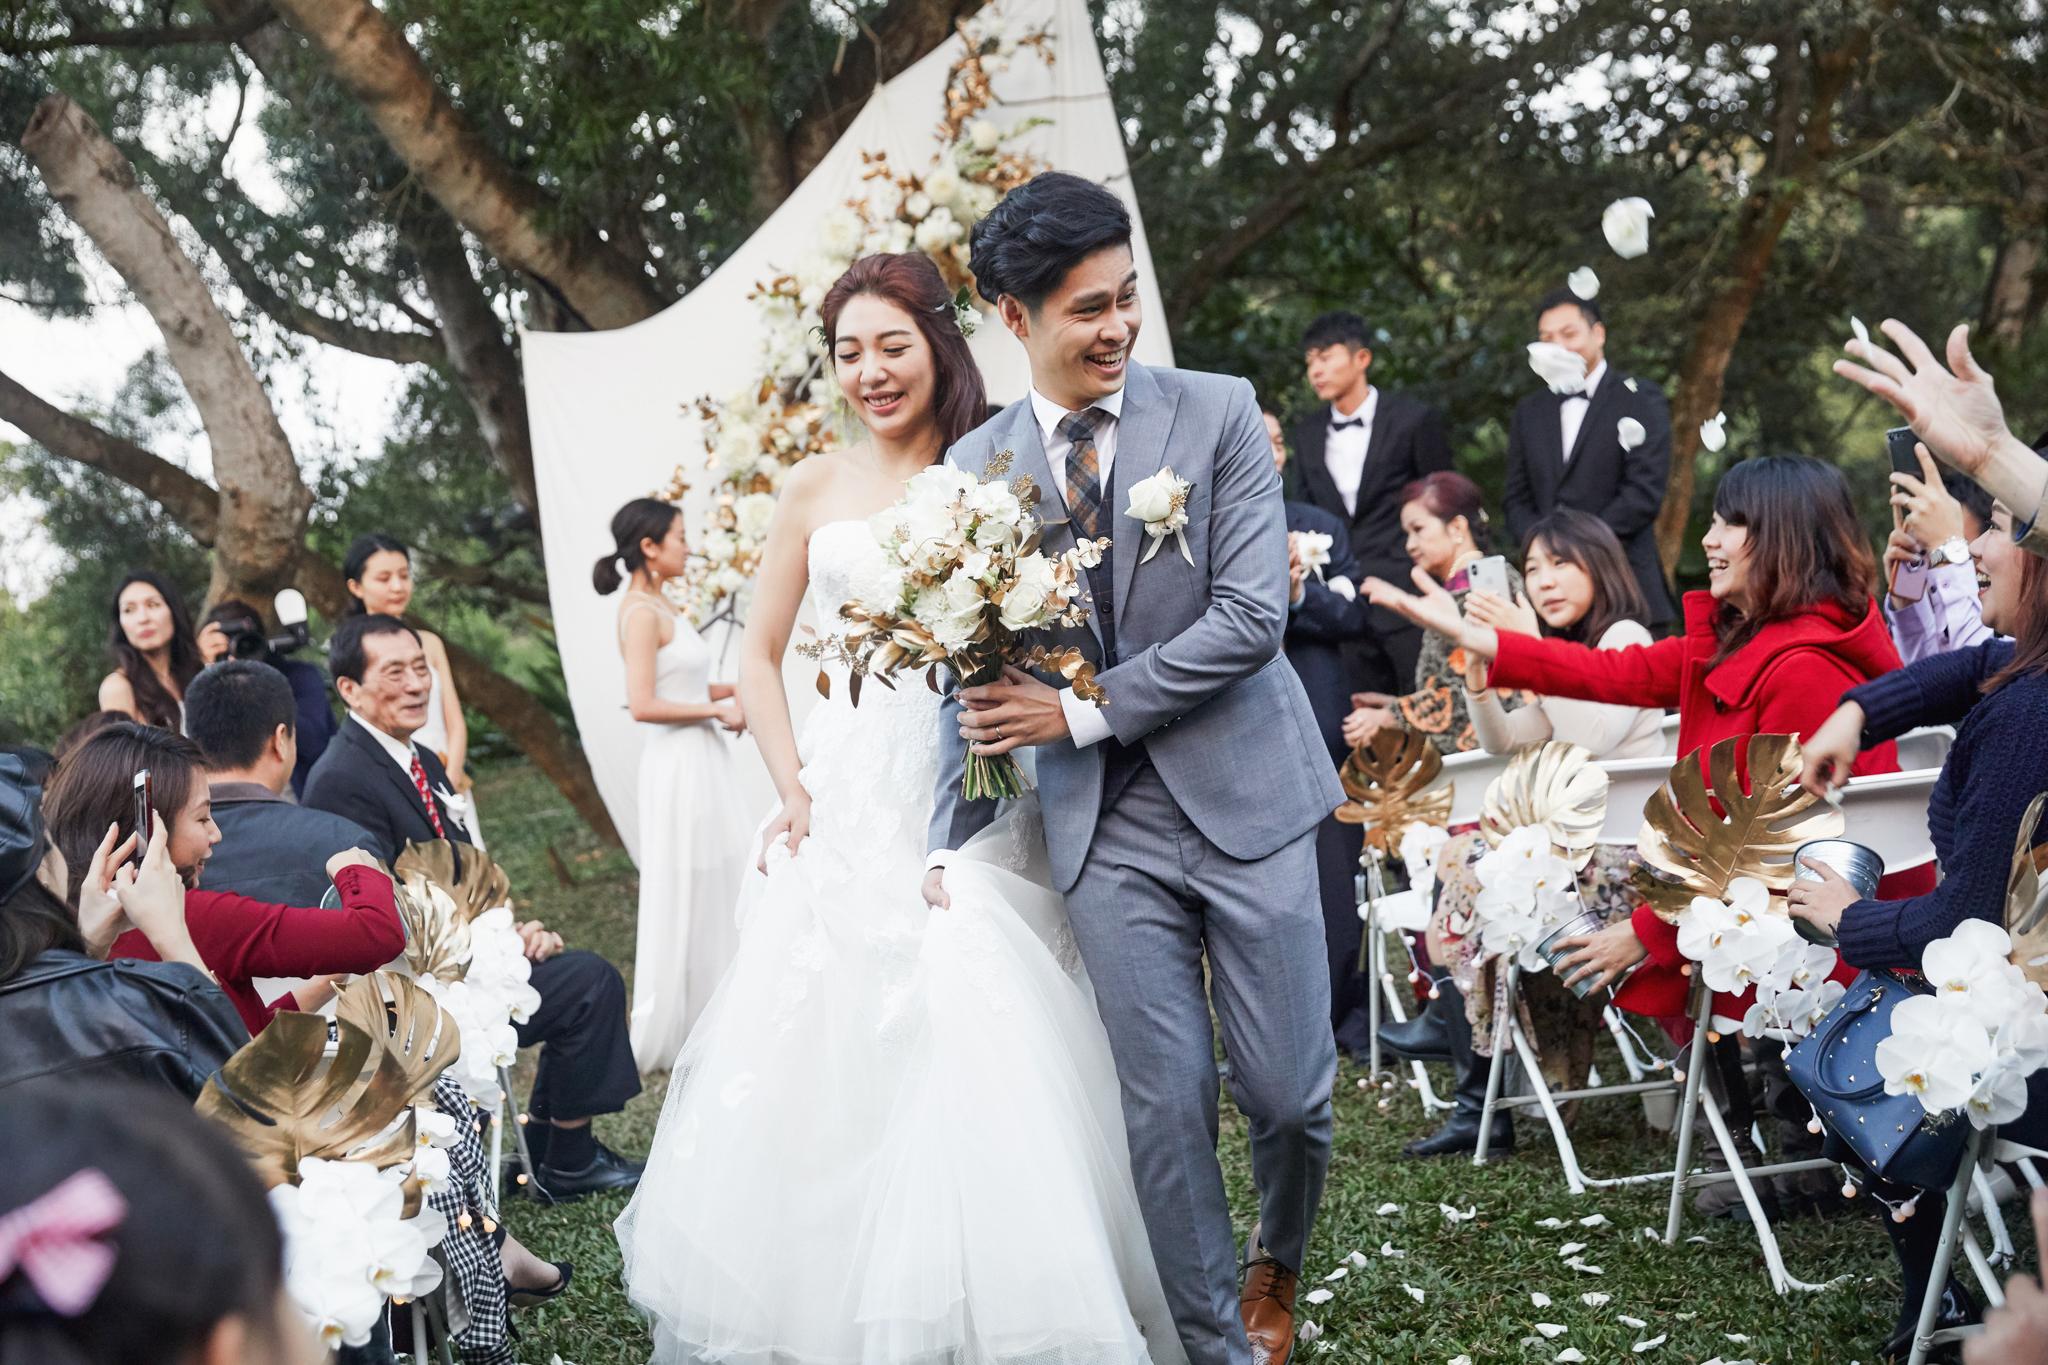 顏牧牧場婚禮, 婚攝推薦,台中婚攝,後院婚禮,戶外婚禮,美式婚禮-68